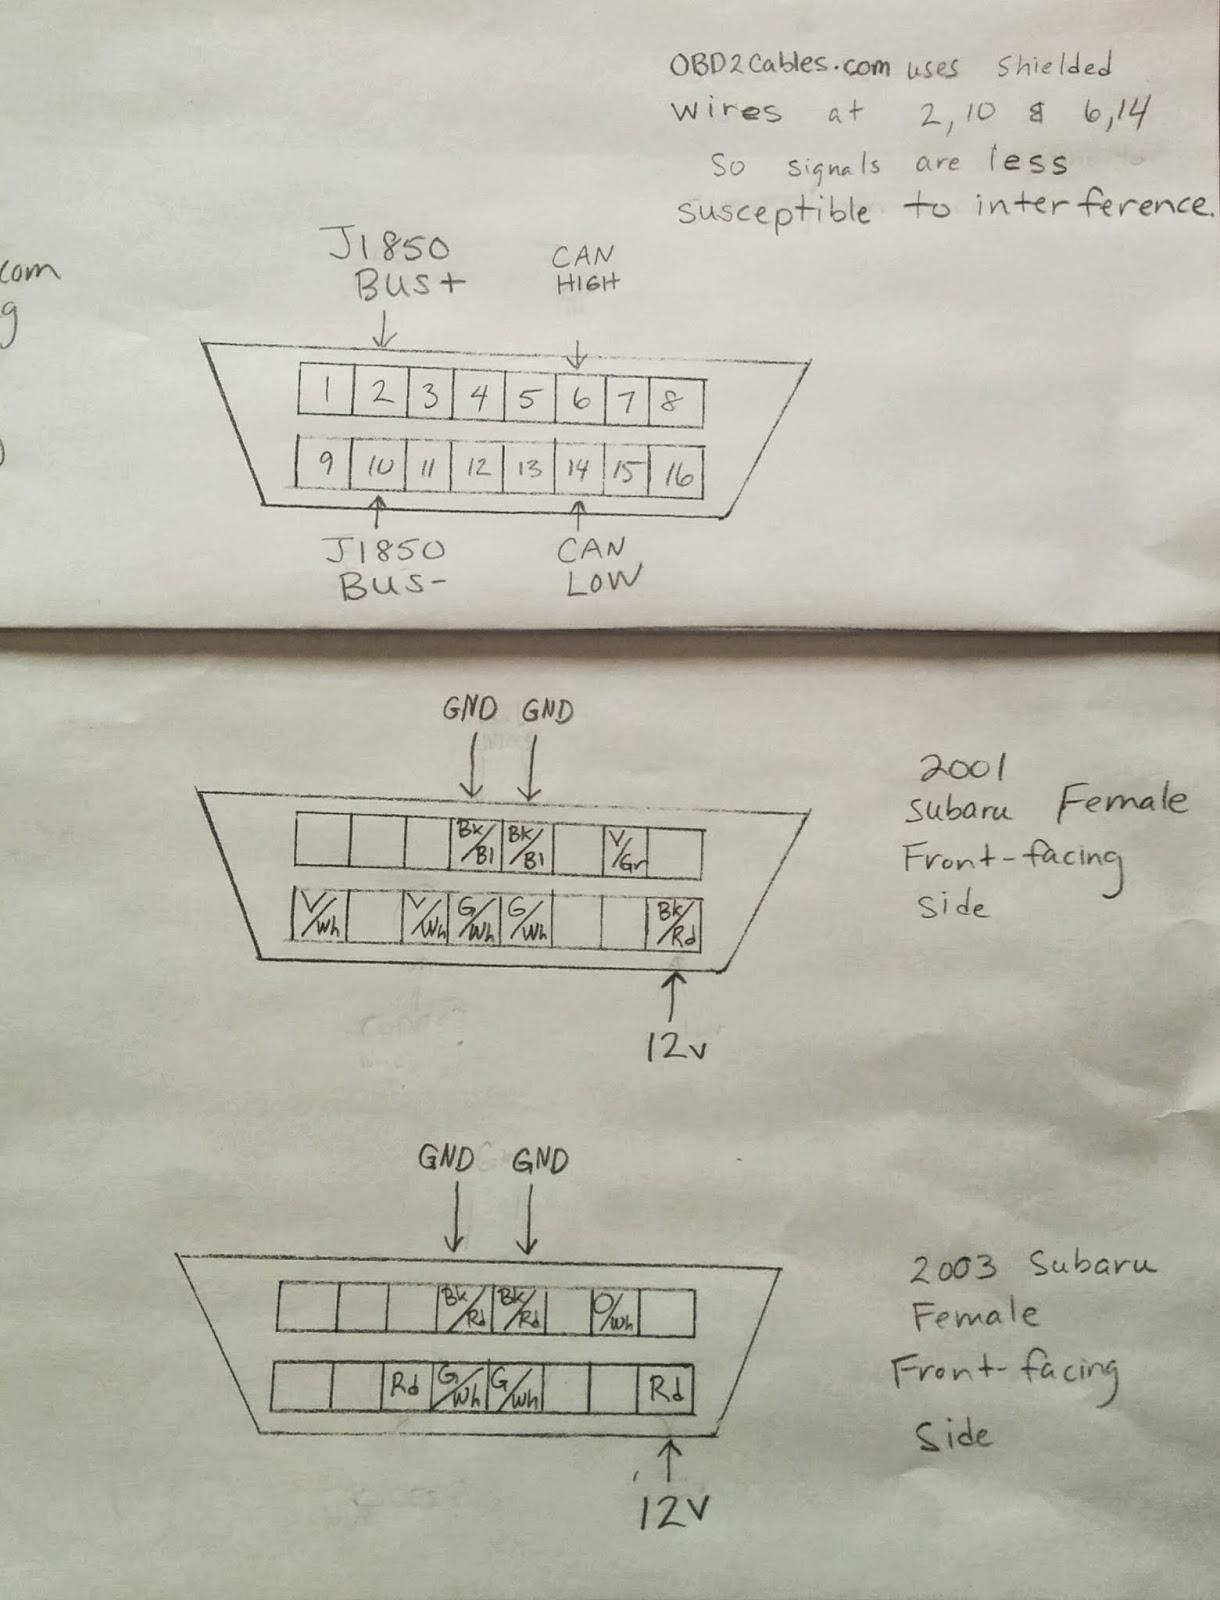 obd2cables com vs 2001 subaru vs 2003 subaru [ 1220 x 1600 Pixel ]